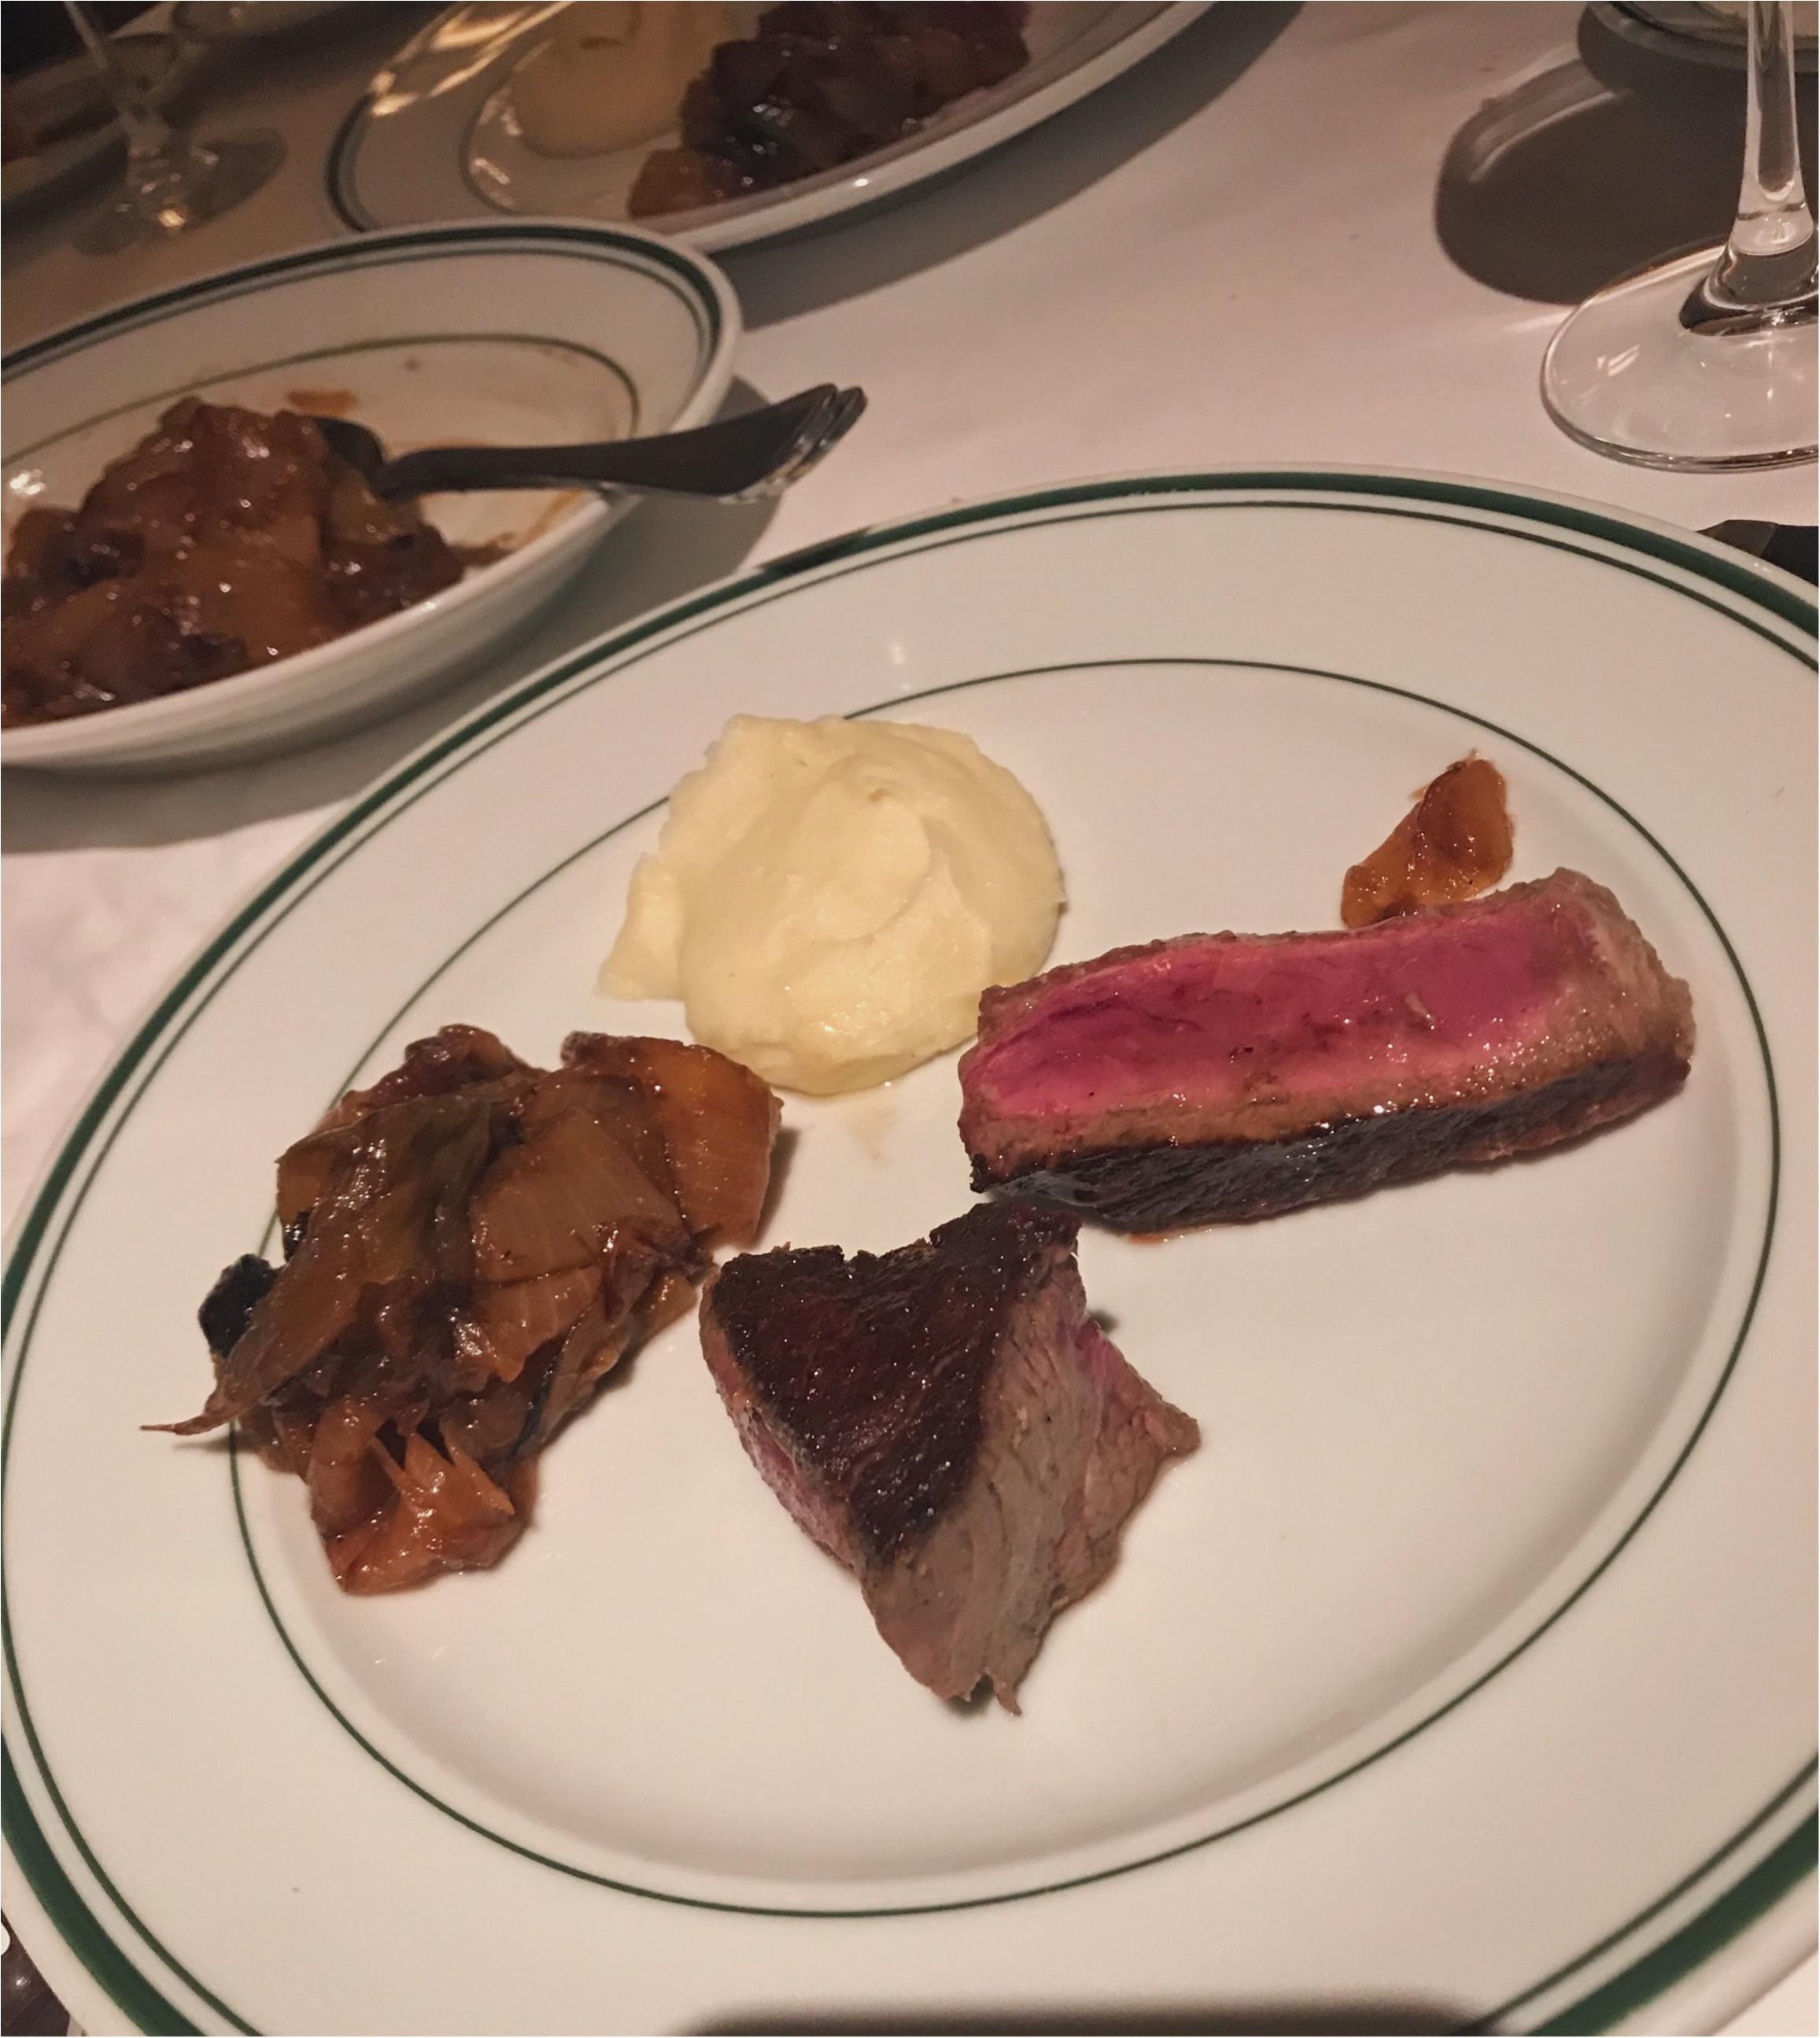 【特別な日ならココ☝︎】インスタ映え!な豪華お肉がたっぷり食べられちゃう贅沢なディナー♡特別な日に特別な人と行くべし♡_5